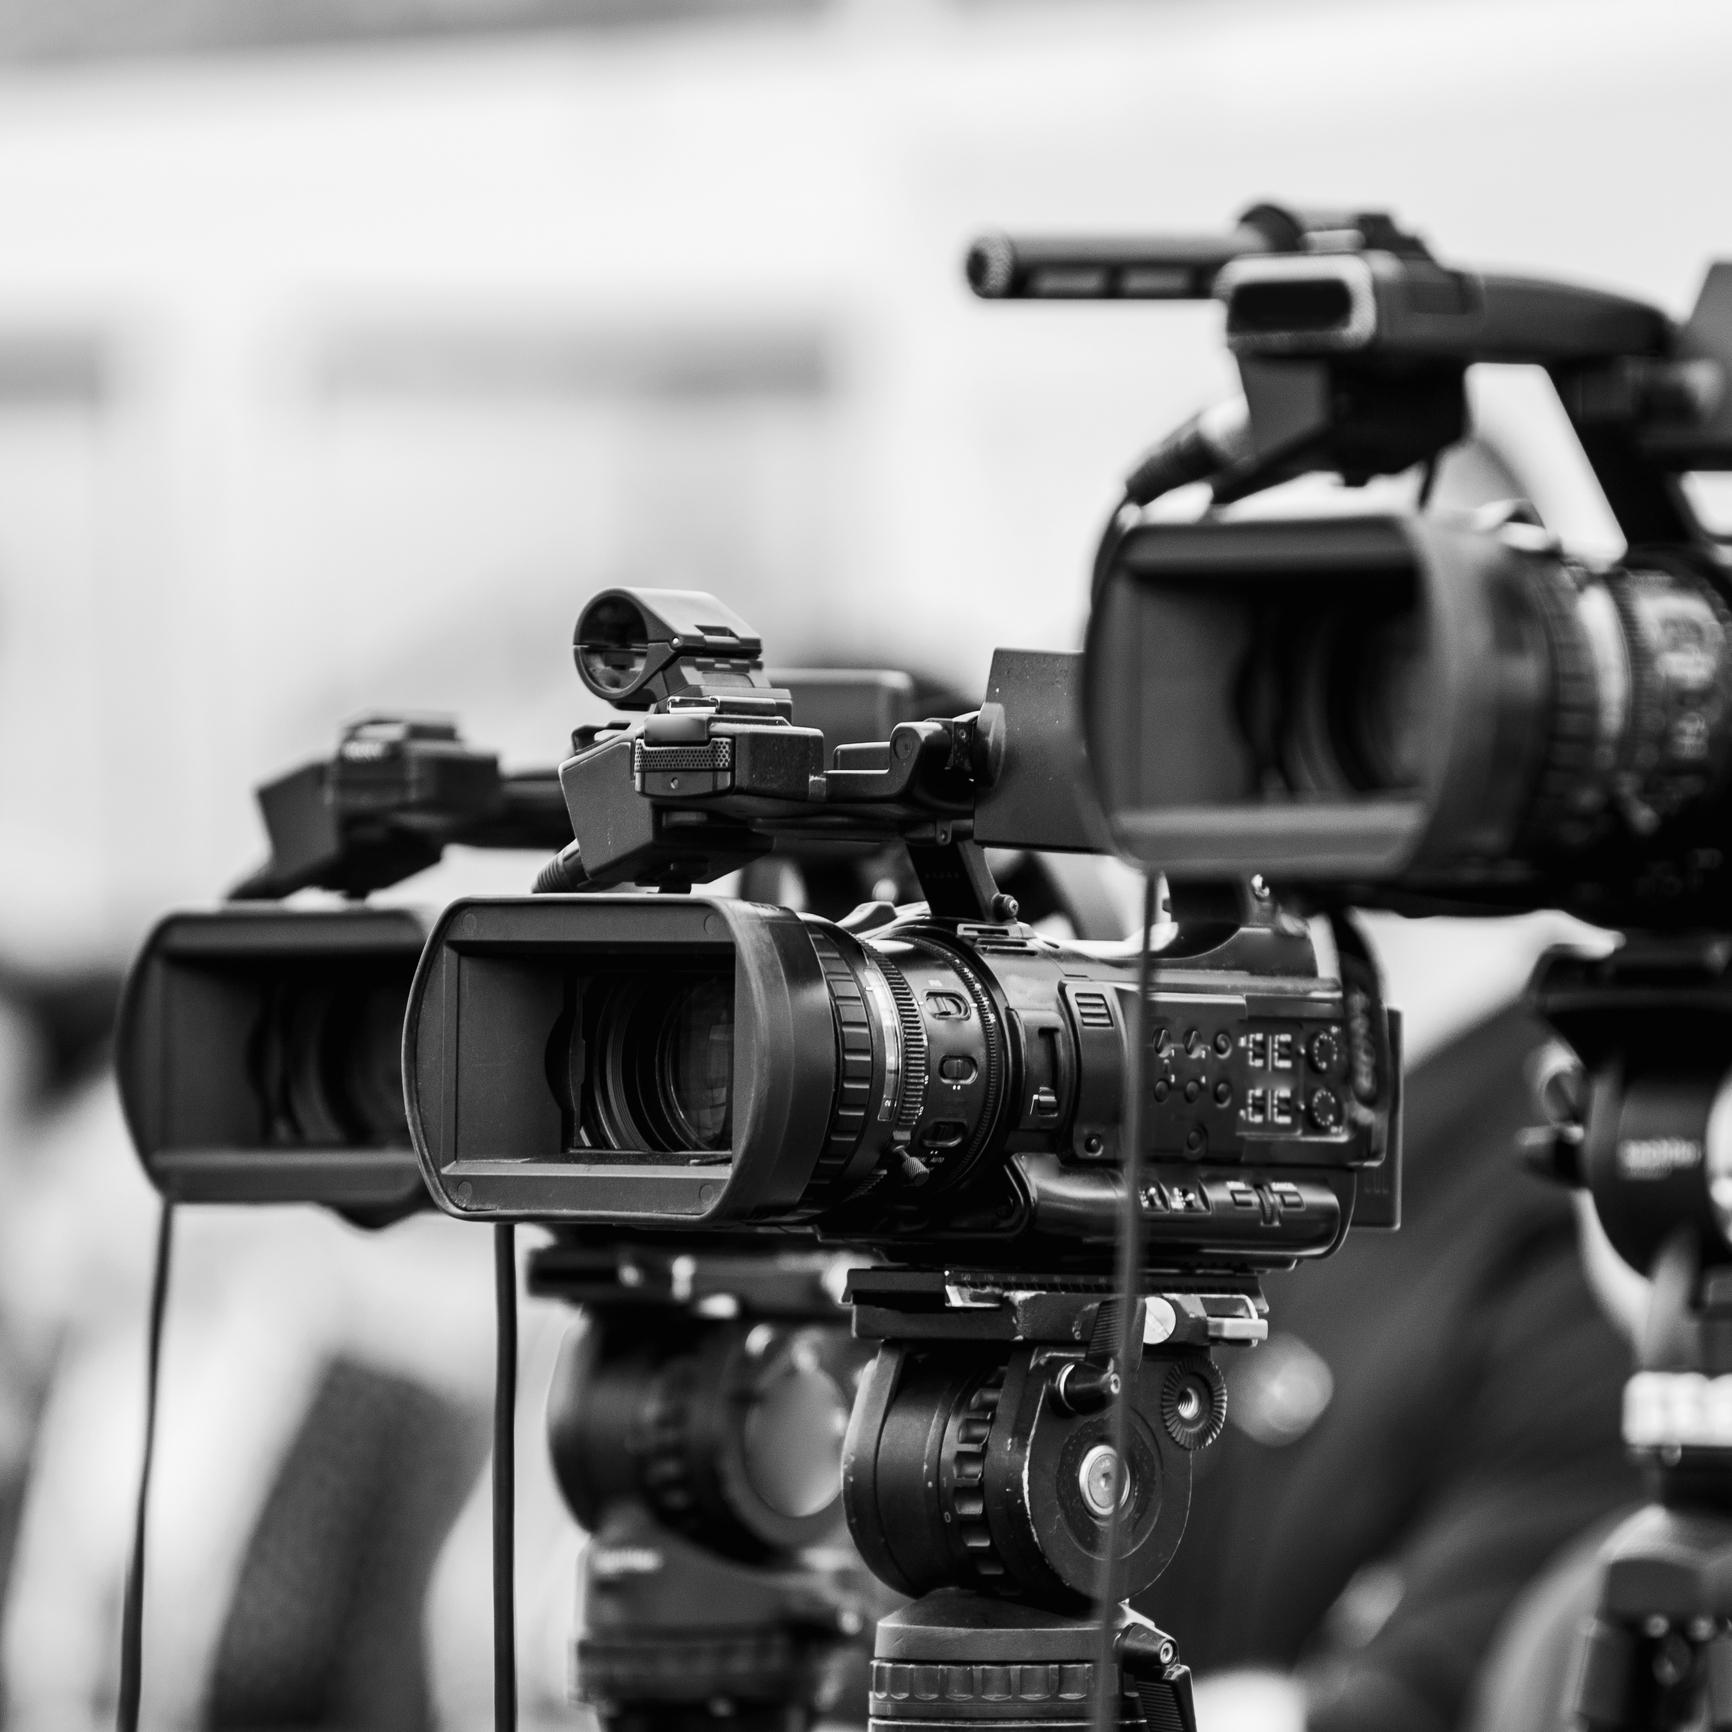 Close-Up Of Cameras